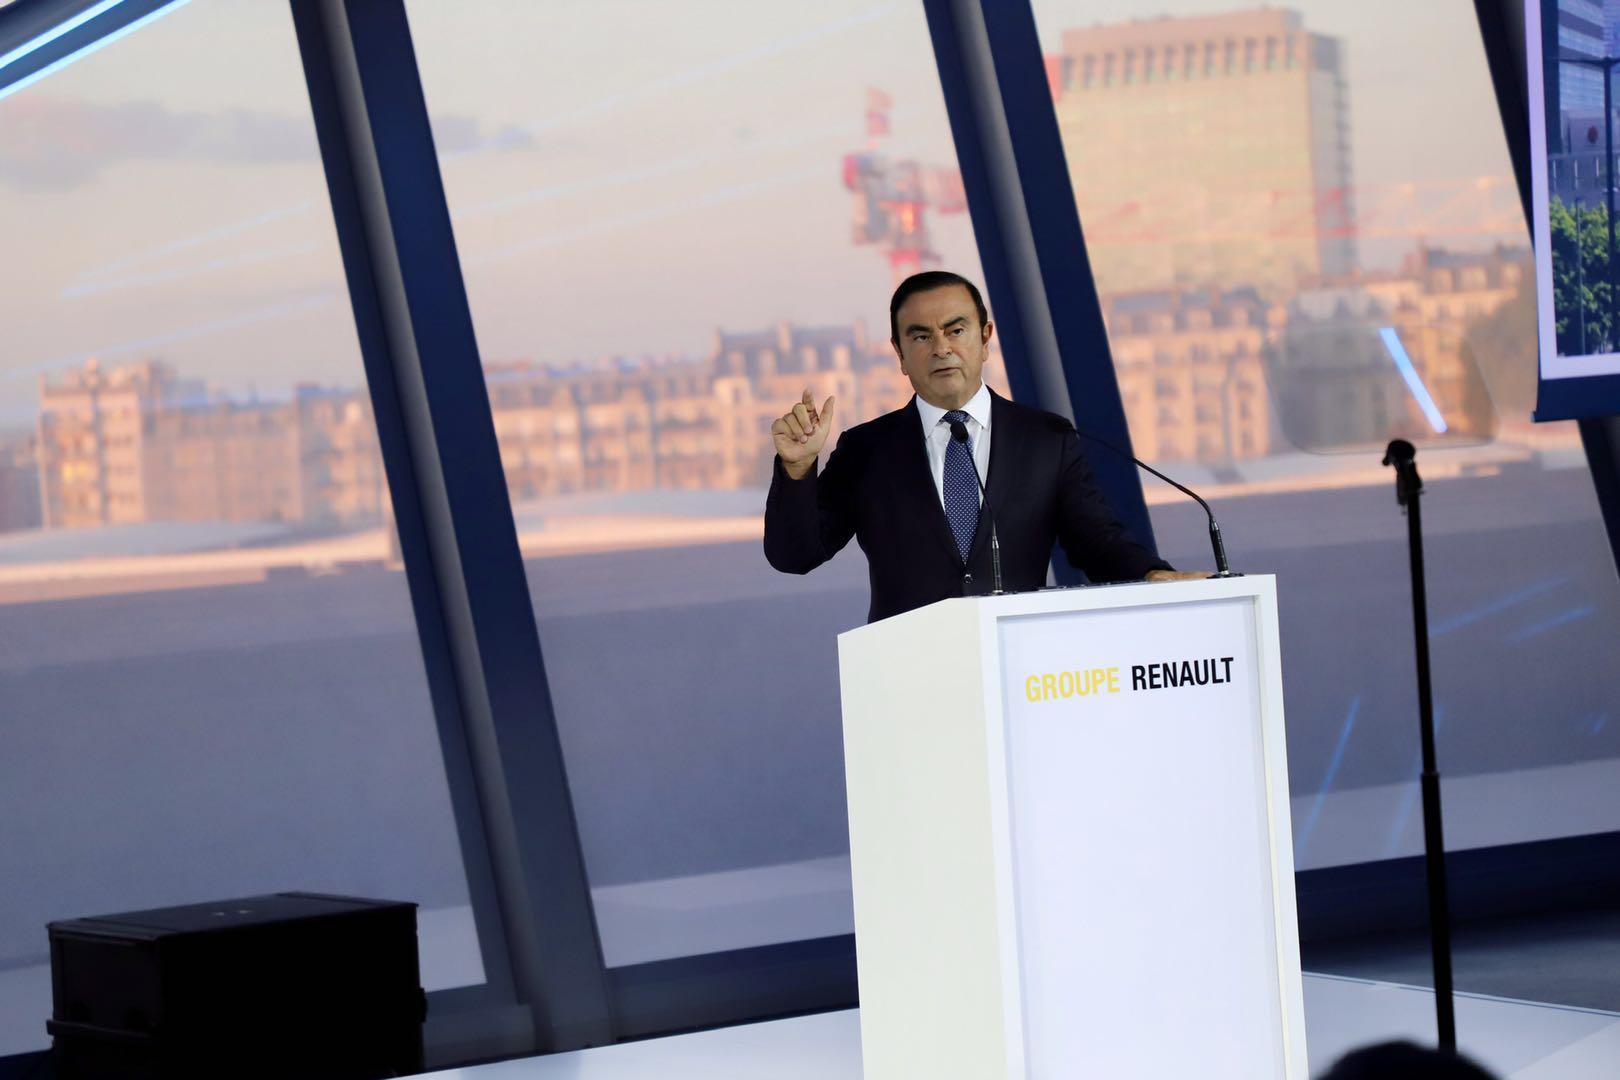 雷诺K-ZE电动车巴黎首发 将于明年在中国国产